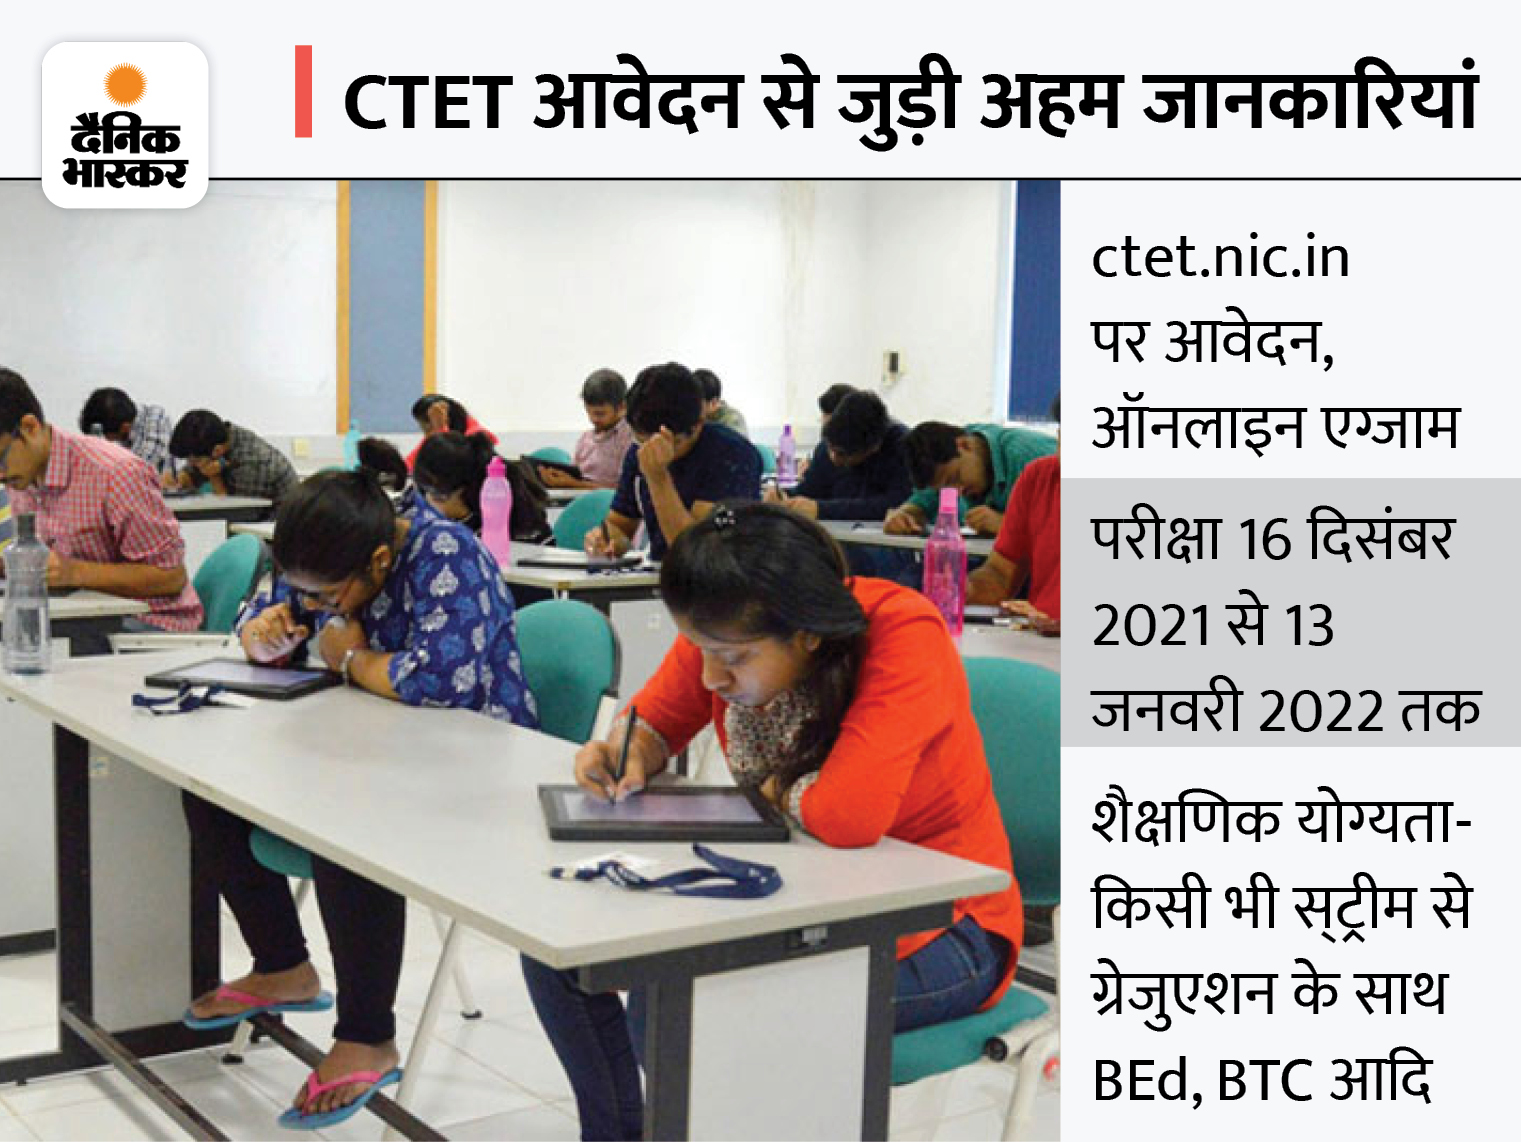 20 भाषाओं में CBT मोड में दिसंबर-जनवरी में एग्जाम; पेपर का पैटर्न बदला, हरियाणा में CTET और HTET का एक समान दर्जा|करनाल,Karnal - Dainik Bhaskar